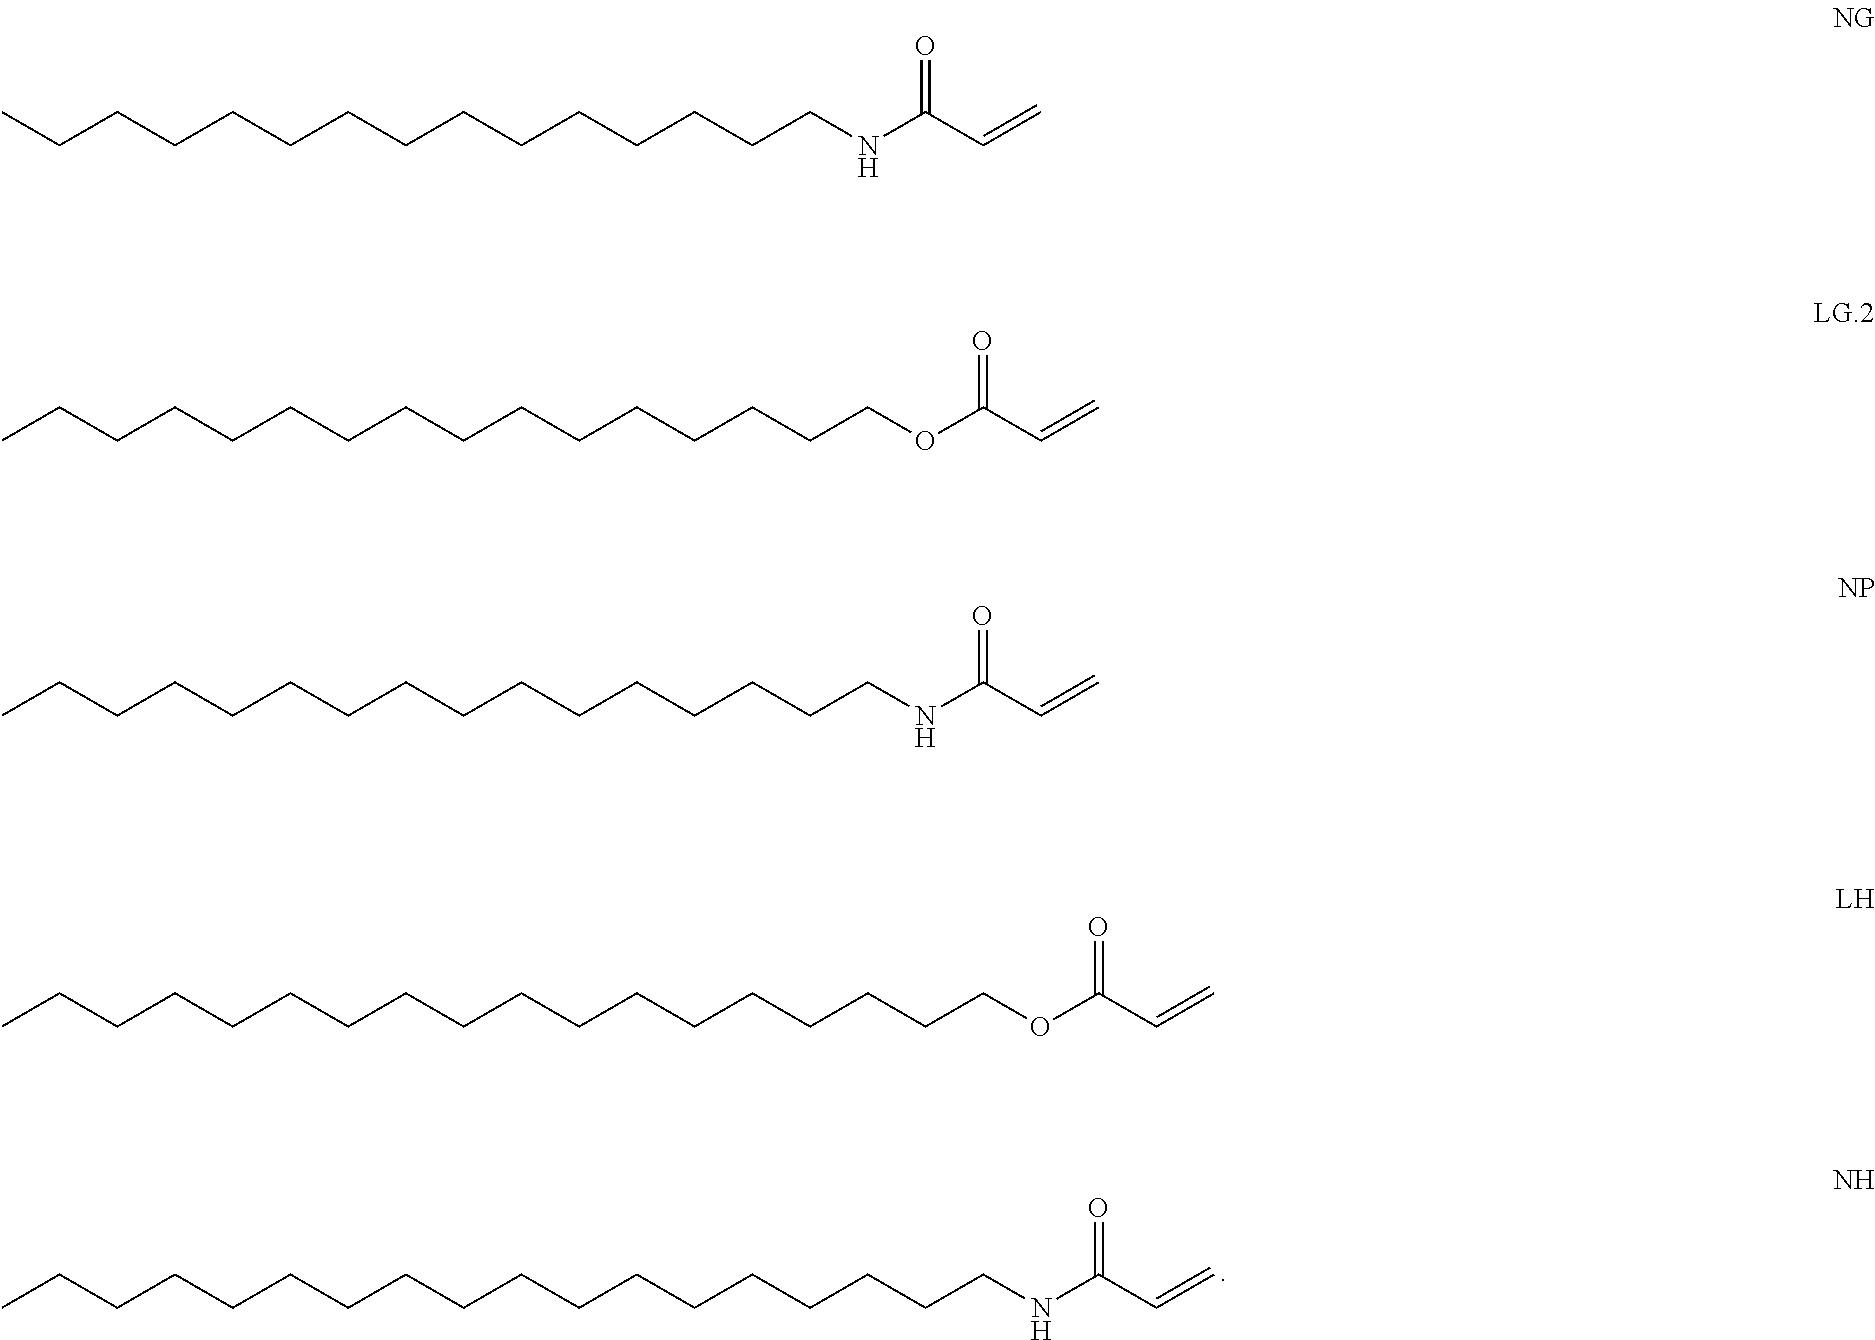 Figure US20110009641A1-20110113-C00285